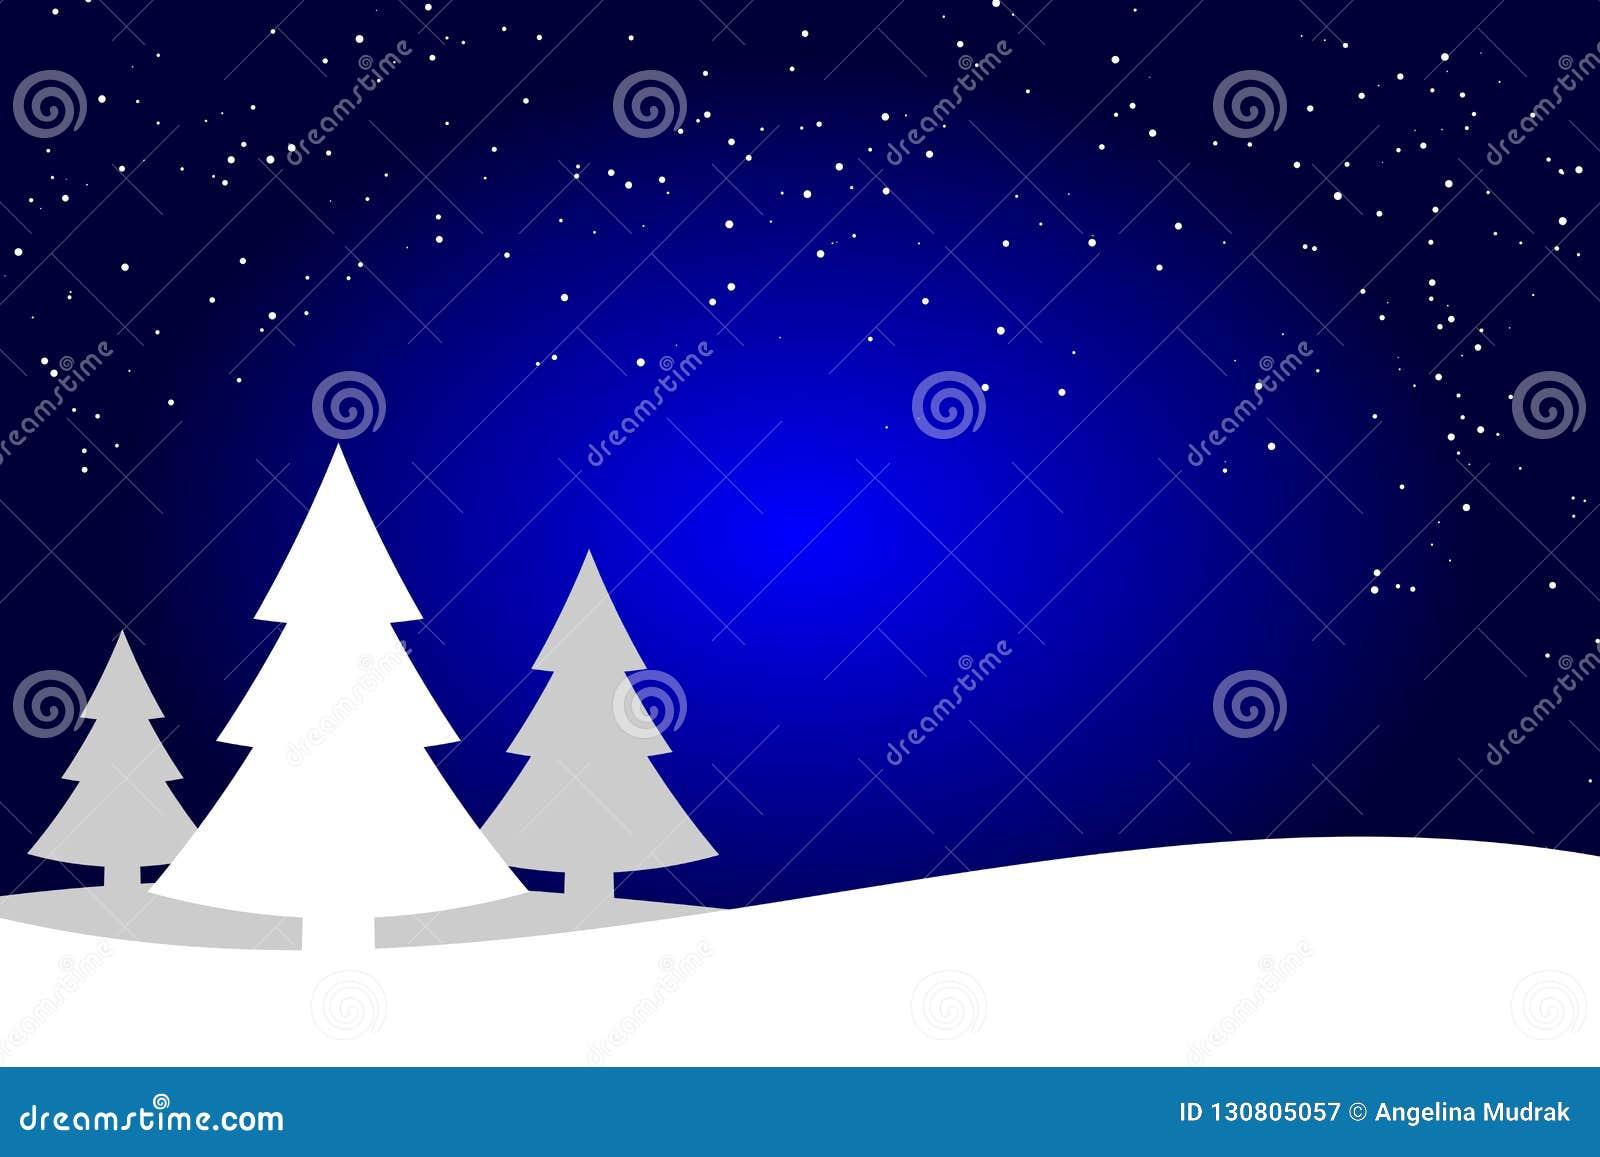 Los árboles de navidad azul marino y blancos ajardinan el fondo, silueta del bosque de la picea